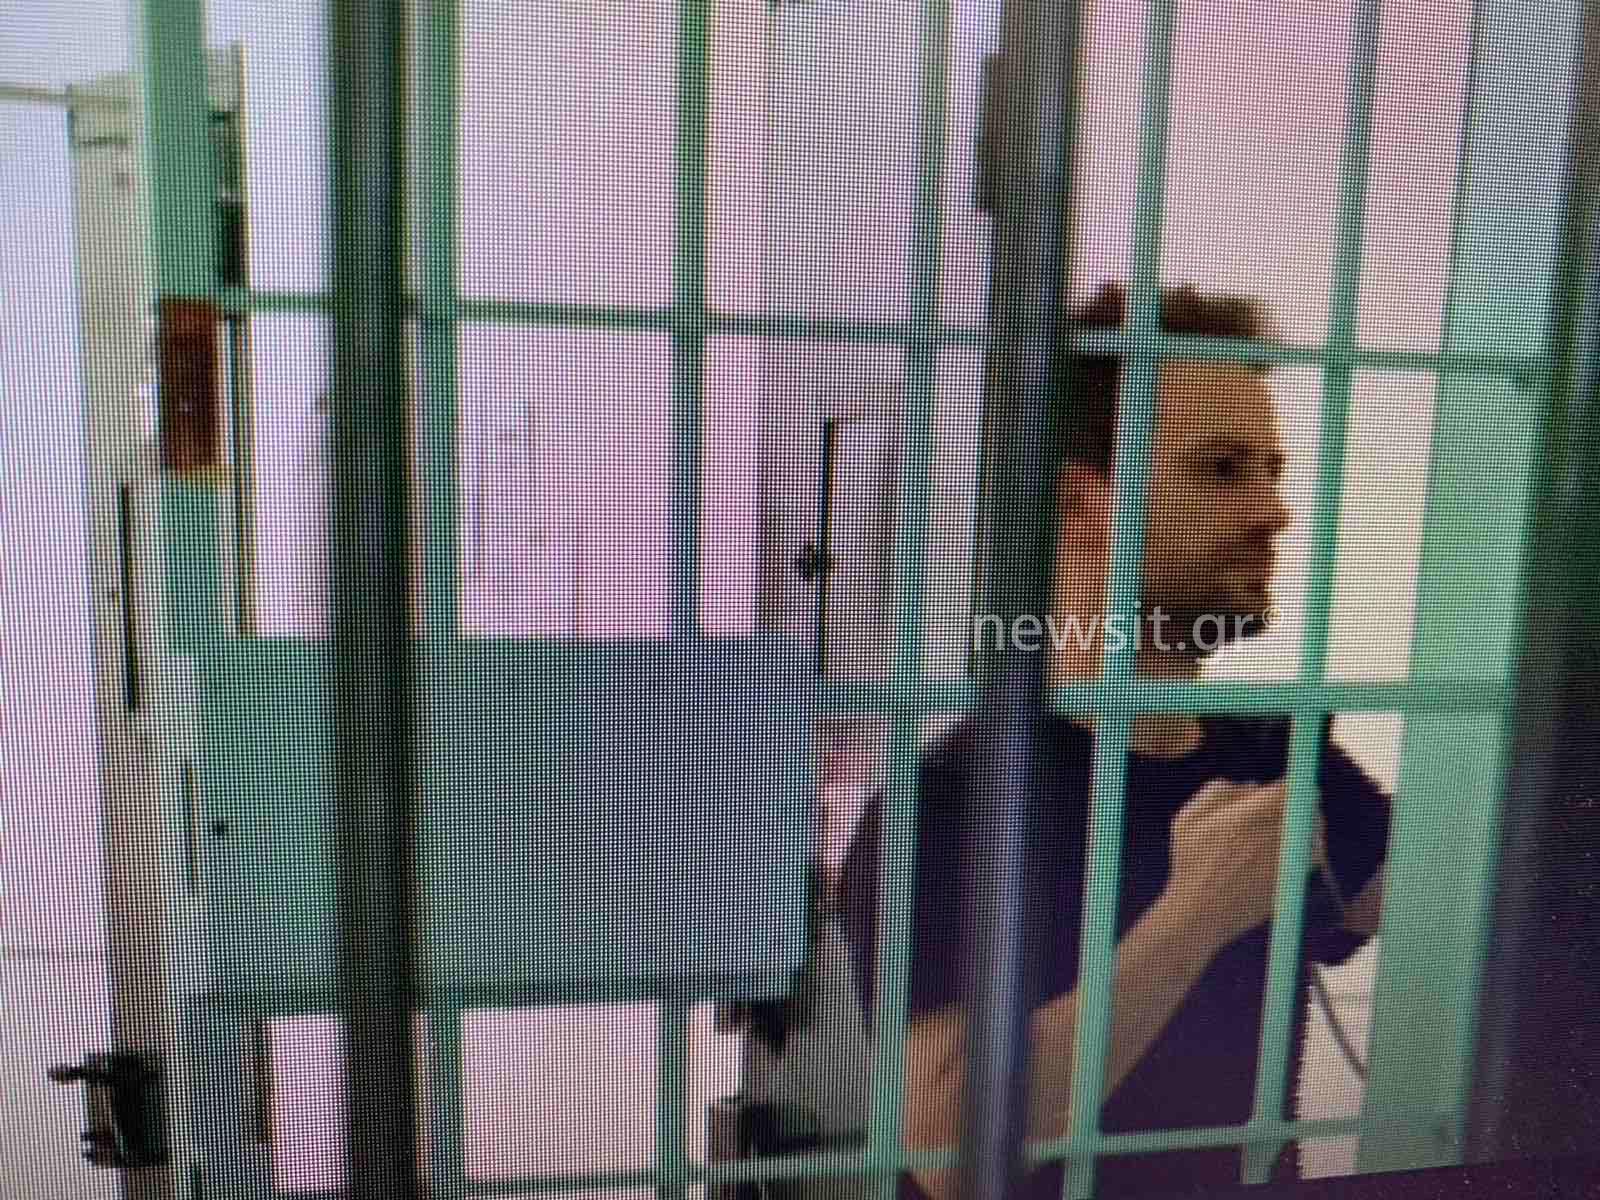 Γλυκά Νερά: Νέες εικόνες του συζυγοκτόνου μέσα από τη φυλακή – Προσπάθησε να παγιδεύσει τον Γεωργιάνο